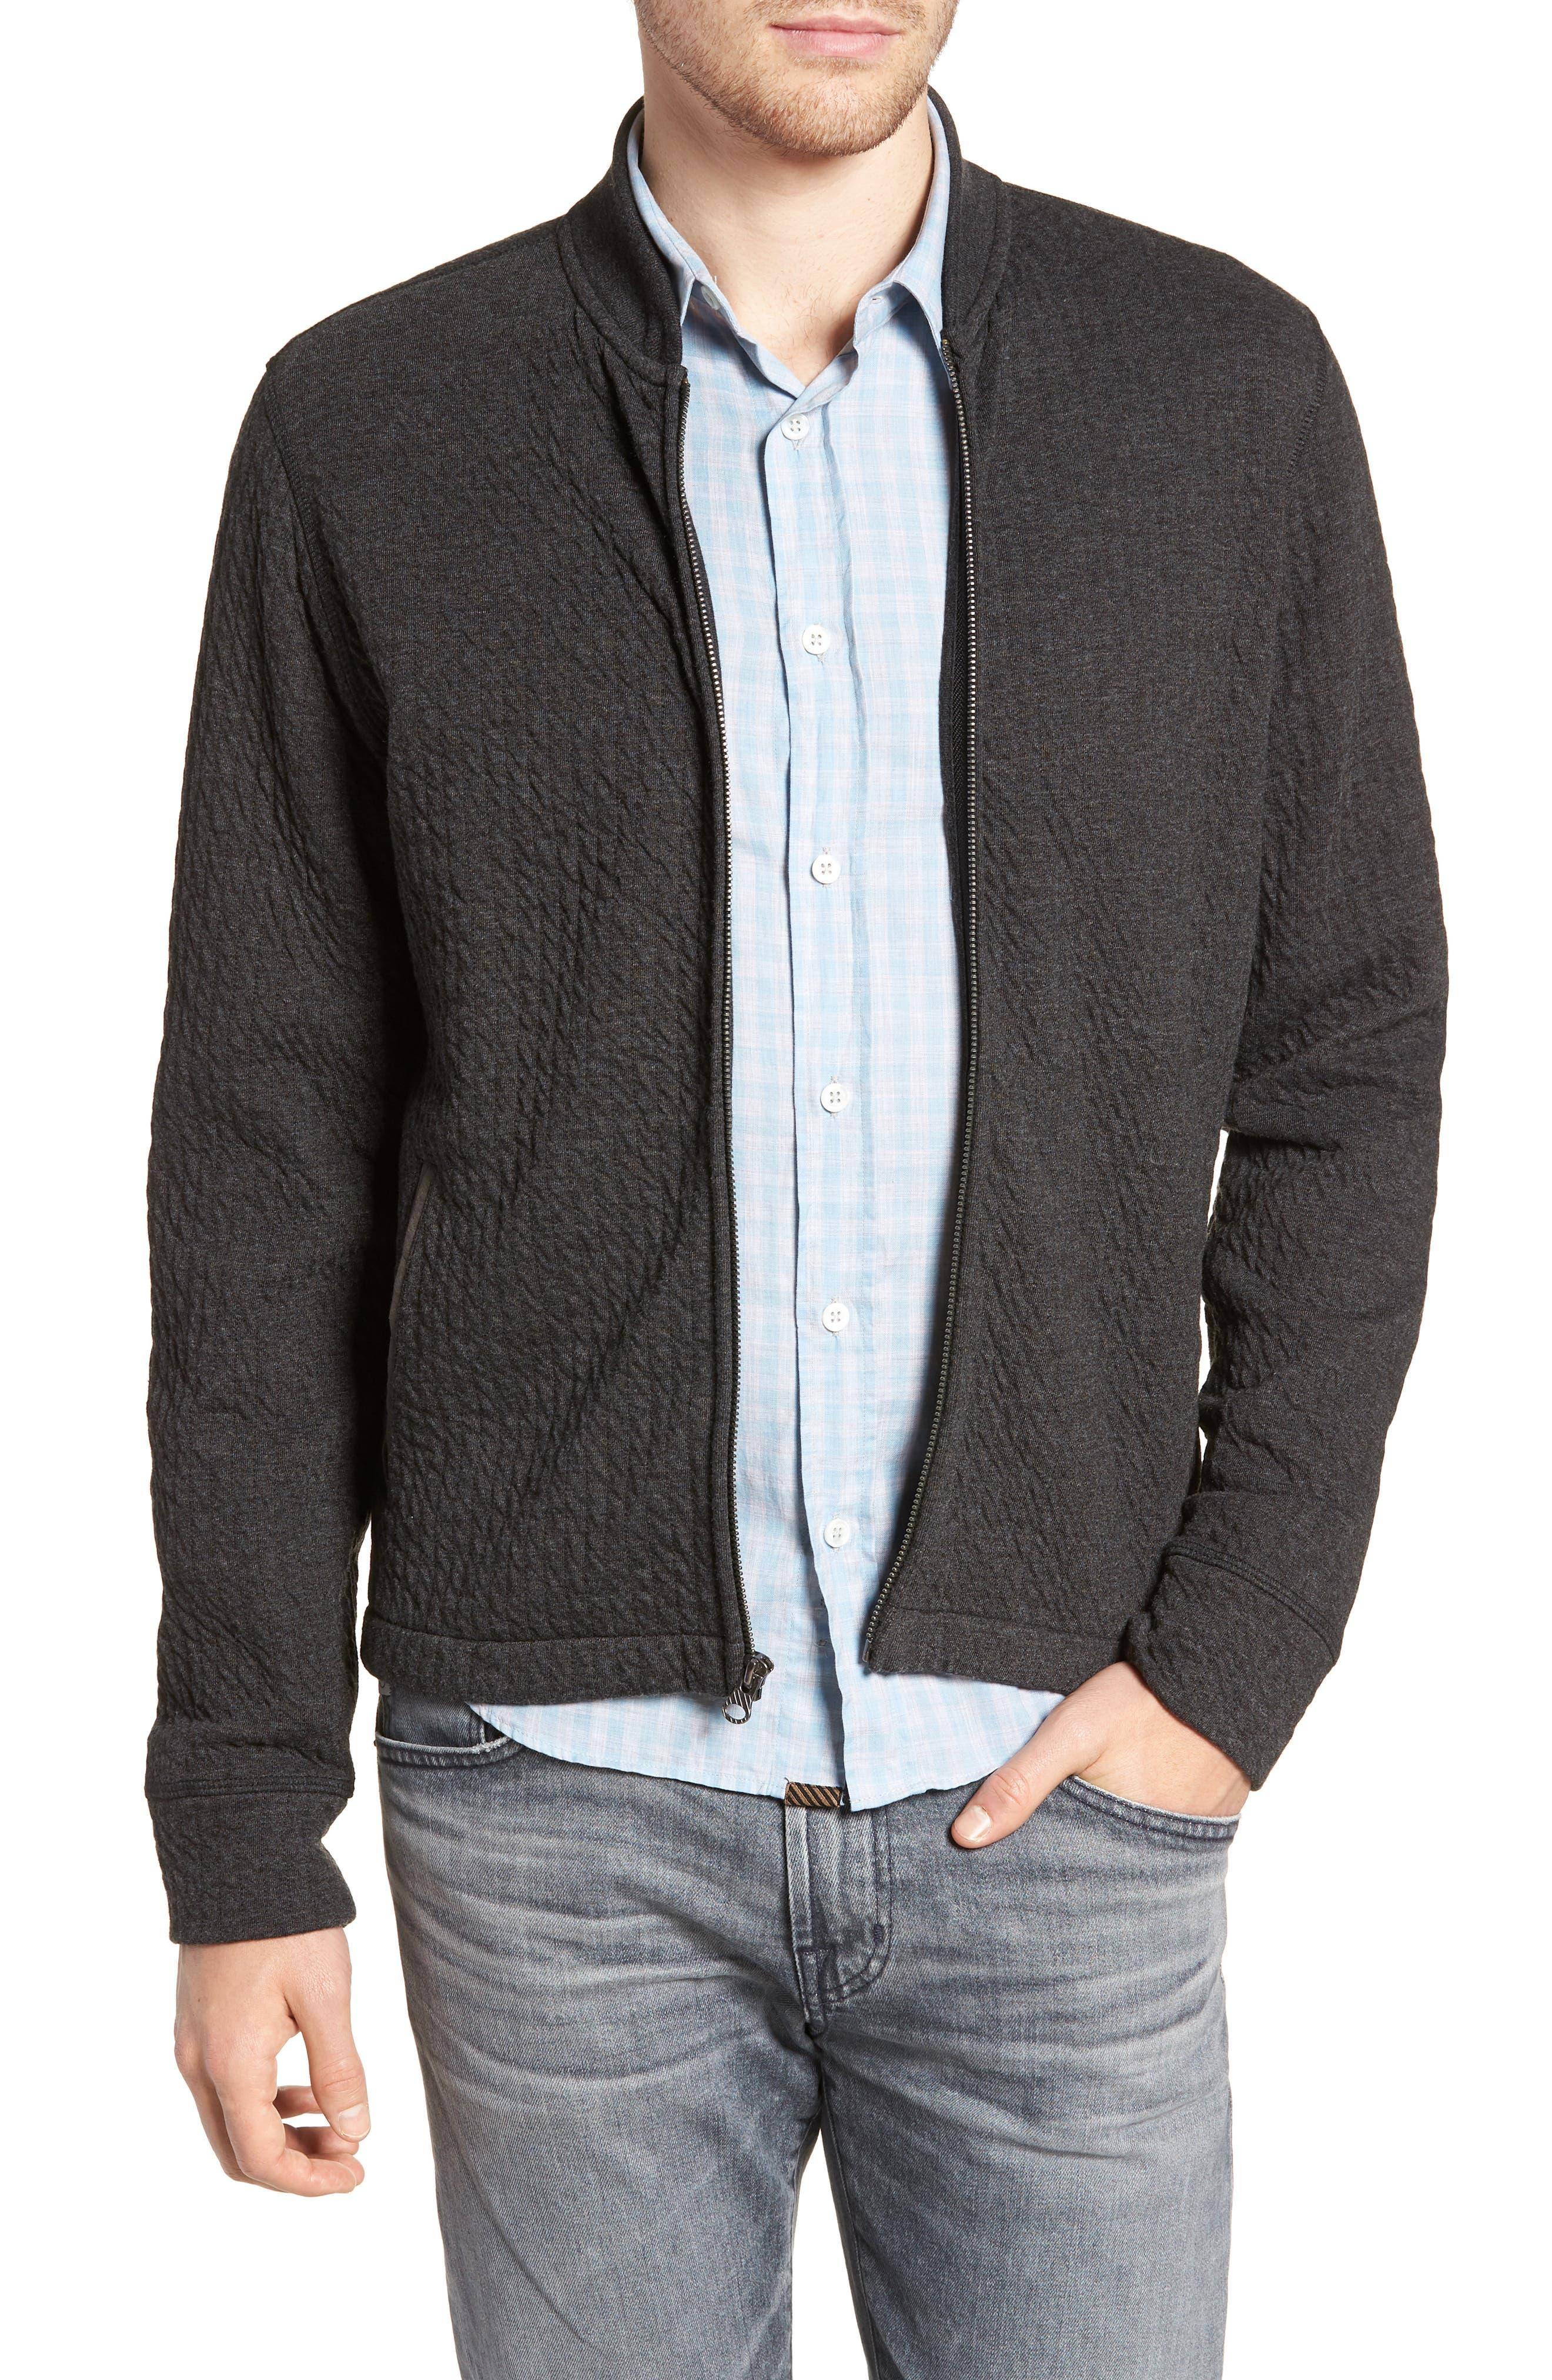 Giles Slim Fit Zip-Up Sweatshirt,                             Main thumbnail 1, color,                             402